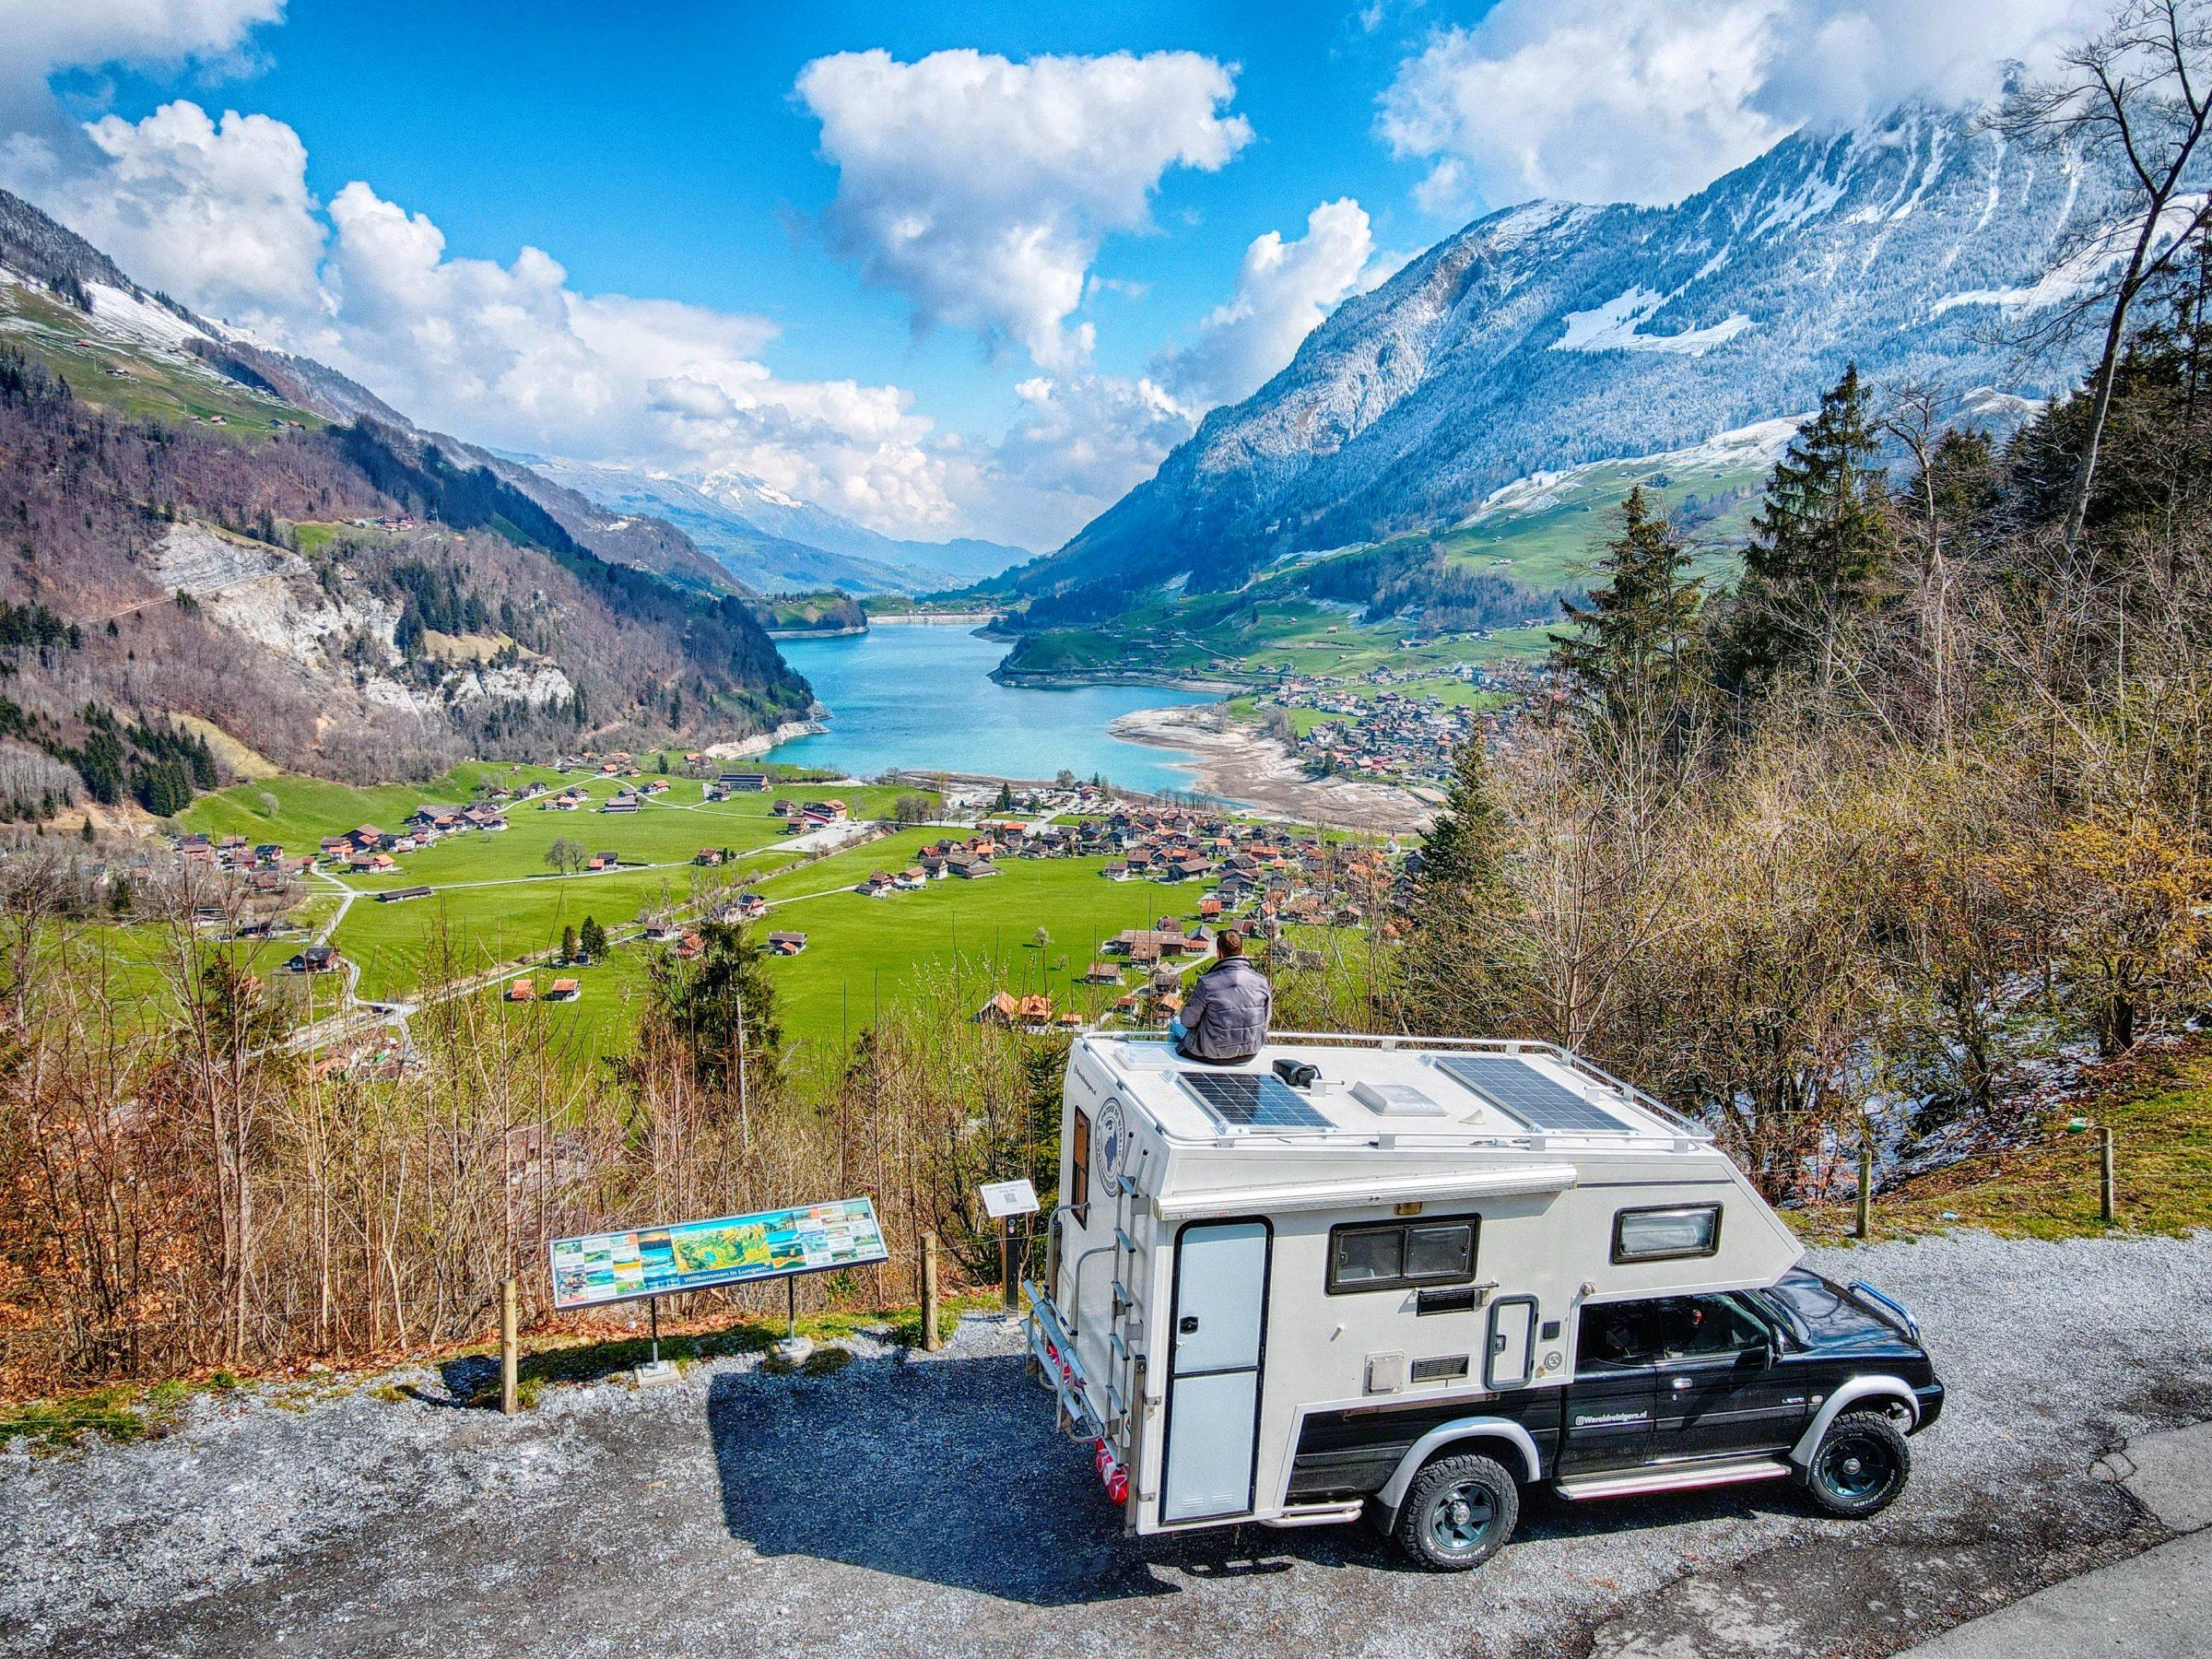 Uitzichtpunt Schoenbuehel met uitzicht op de Lungerersee, zo'n 30 minuten van Interlaken